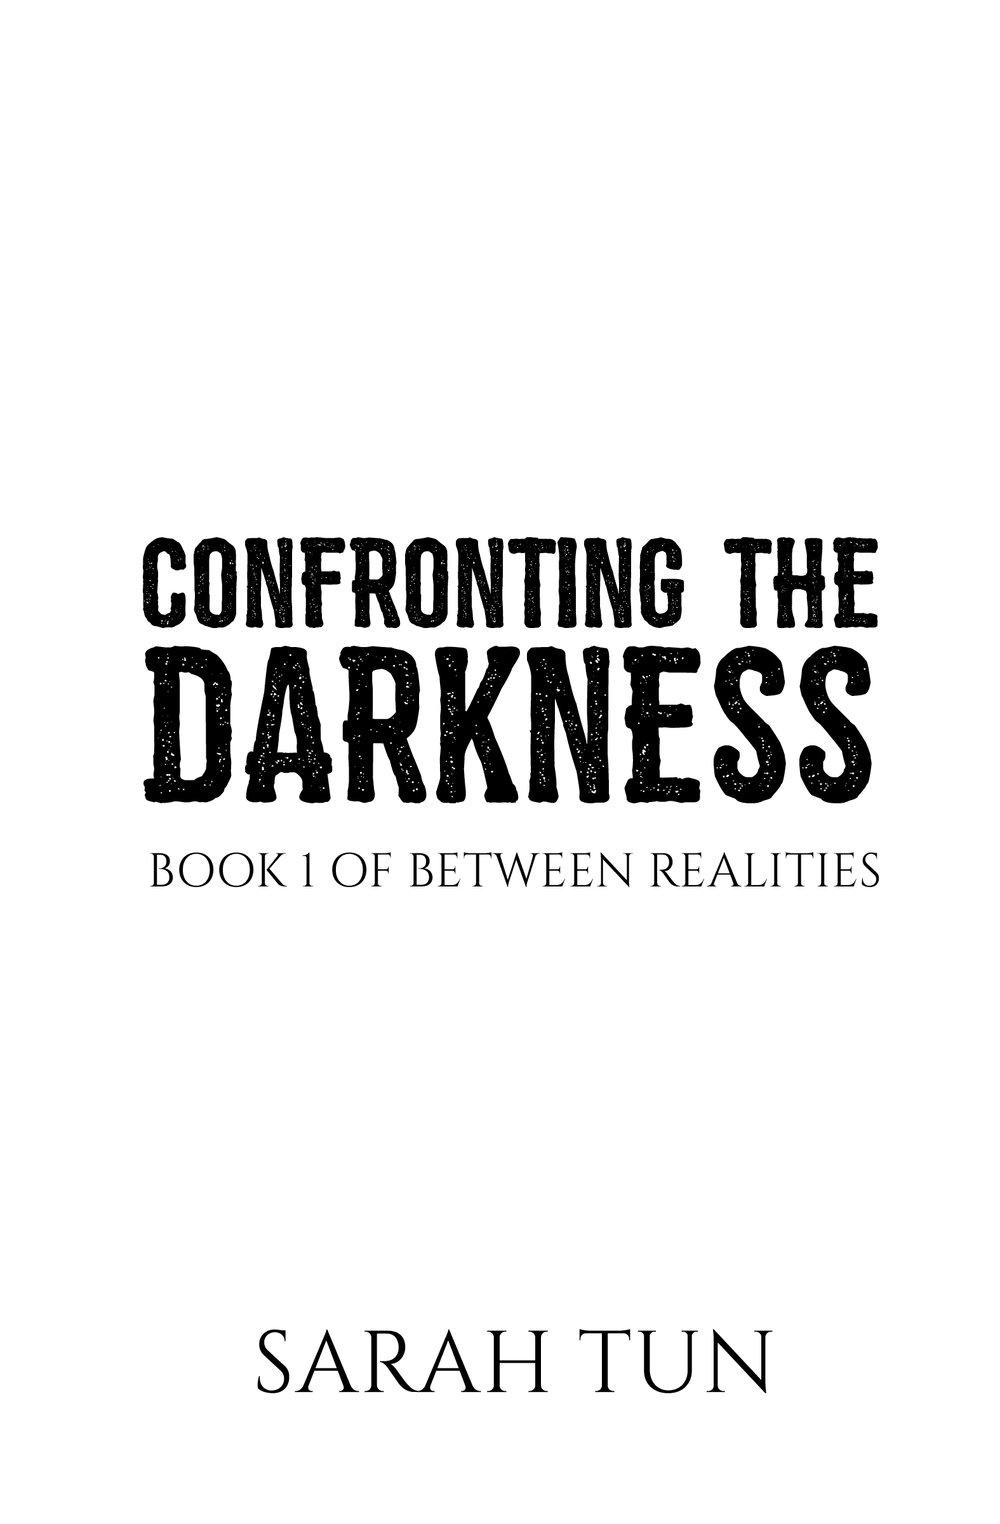 DarknessTITLE.jpg